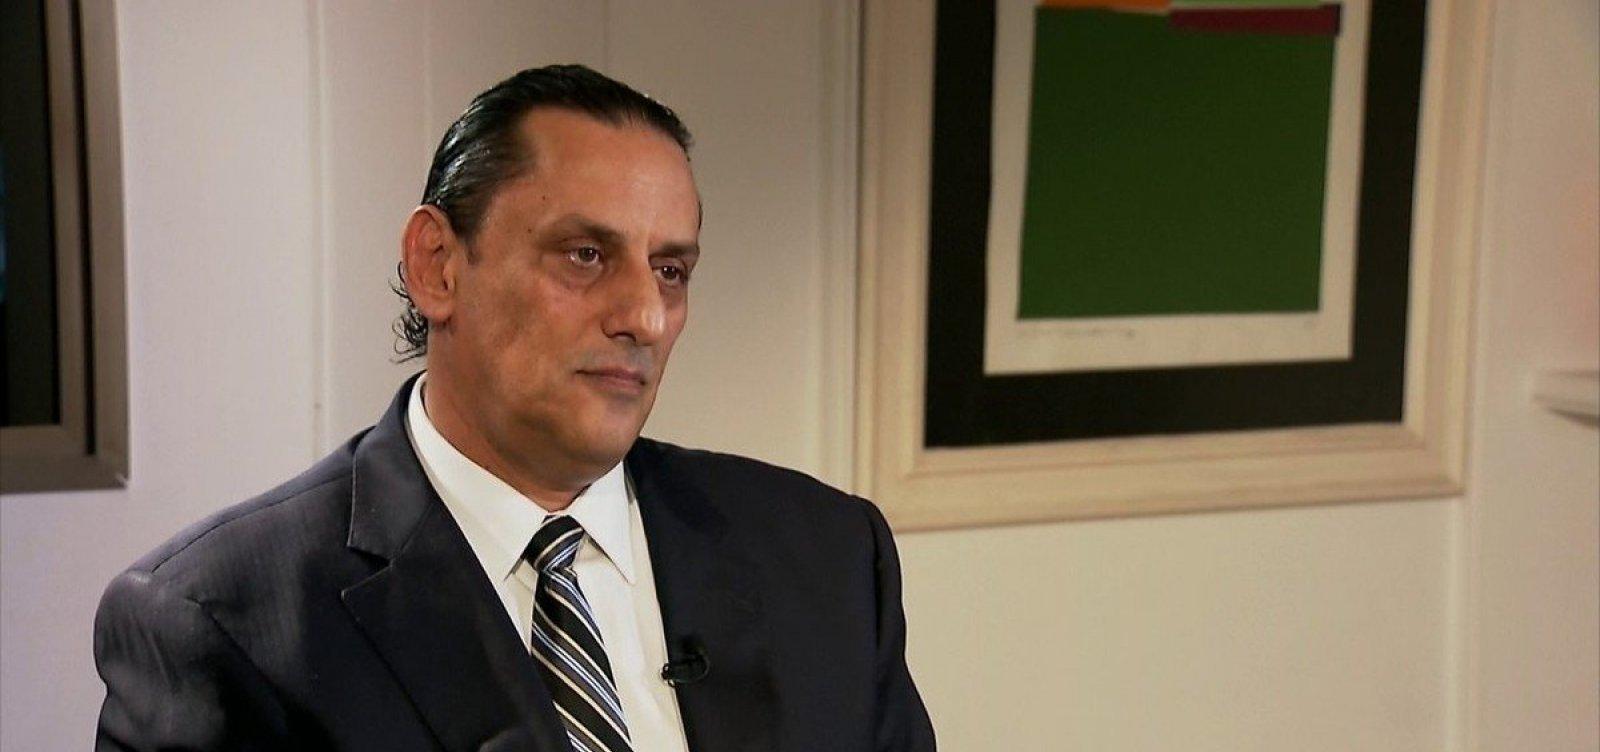 Ex-advogado da família Bolsonaro, Wassef é indiciado por injúria racial